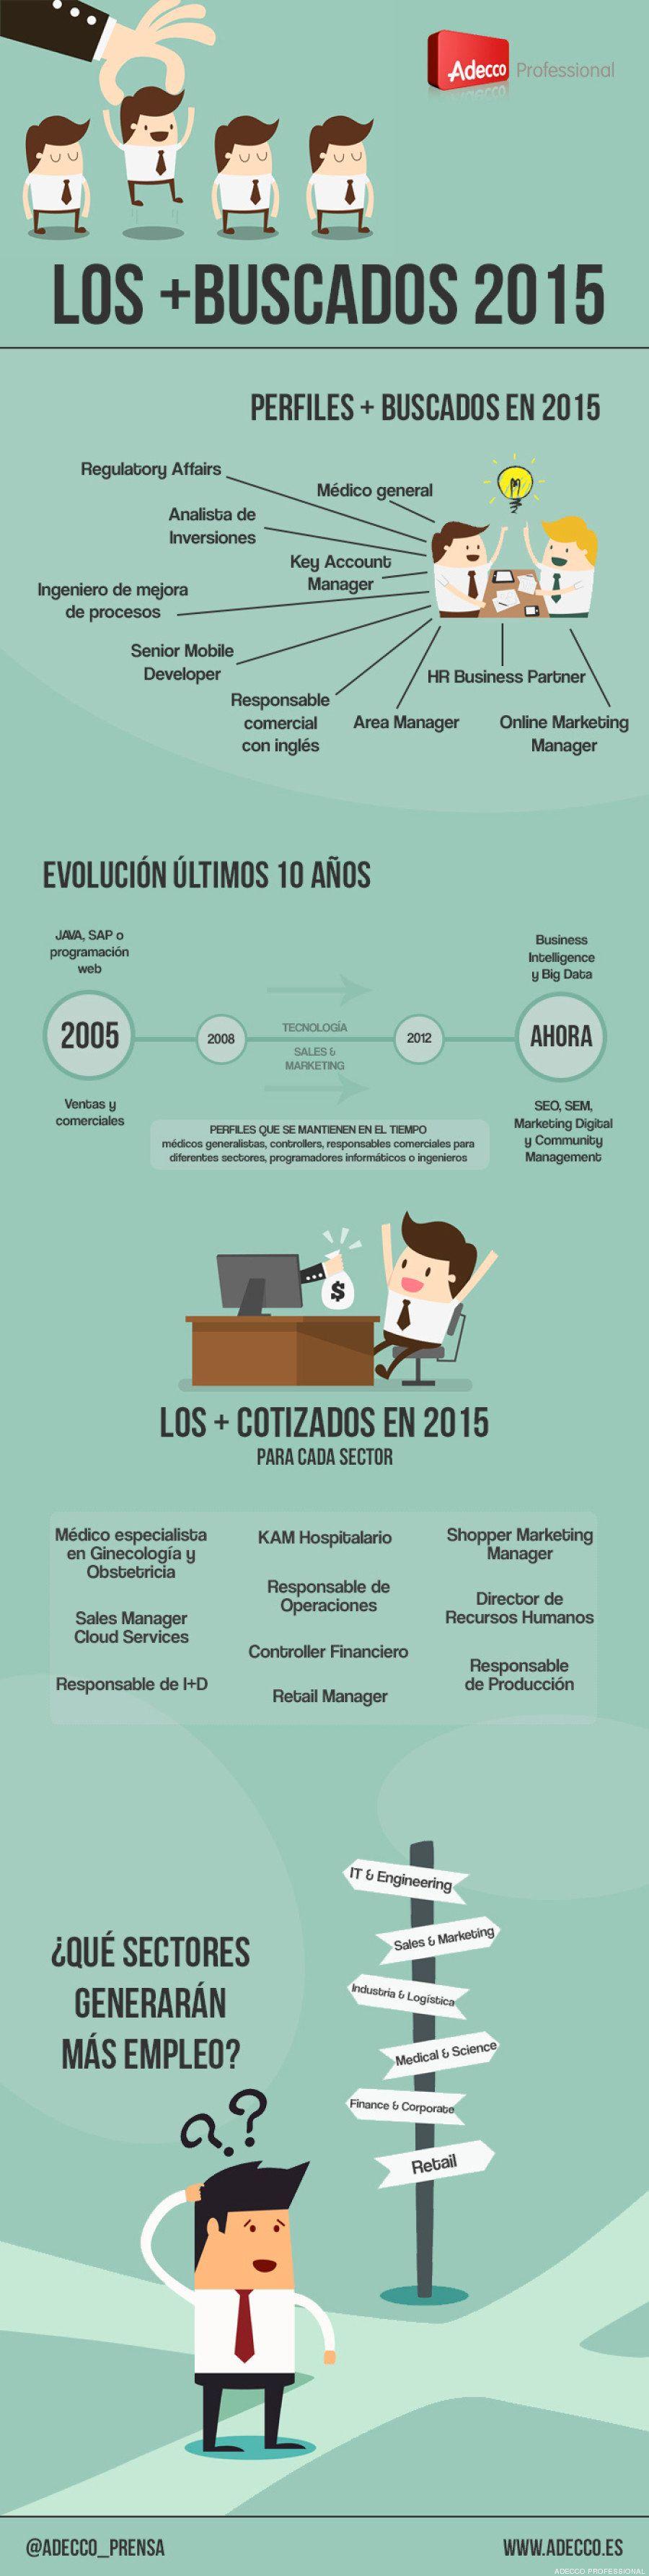 Los perfiles laborales más buscados de 2015: médico general, analista de inversiones, comercial con